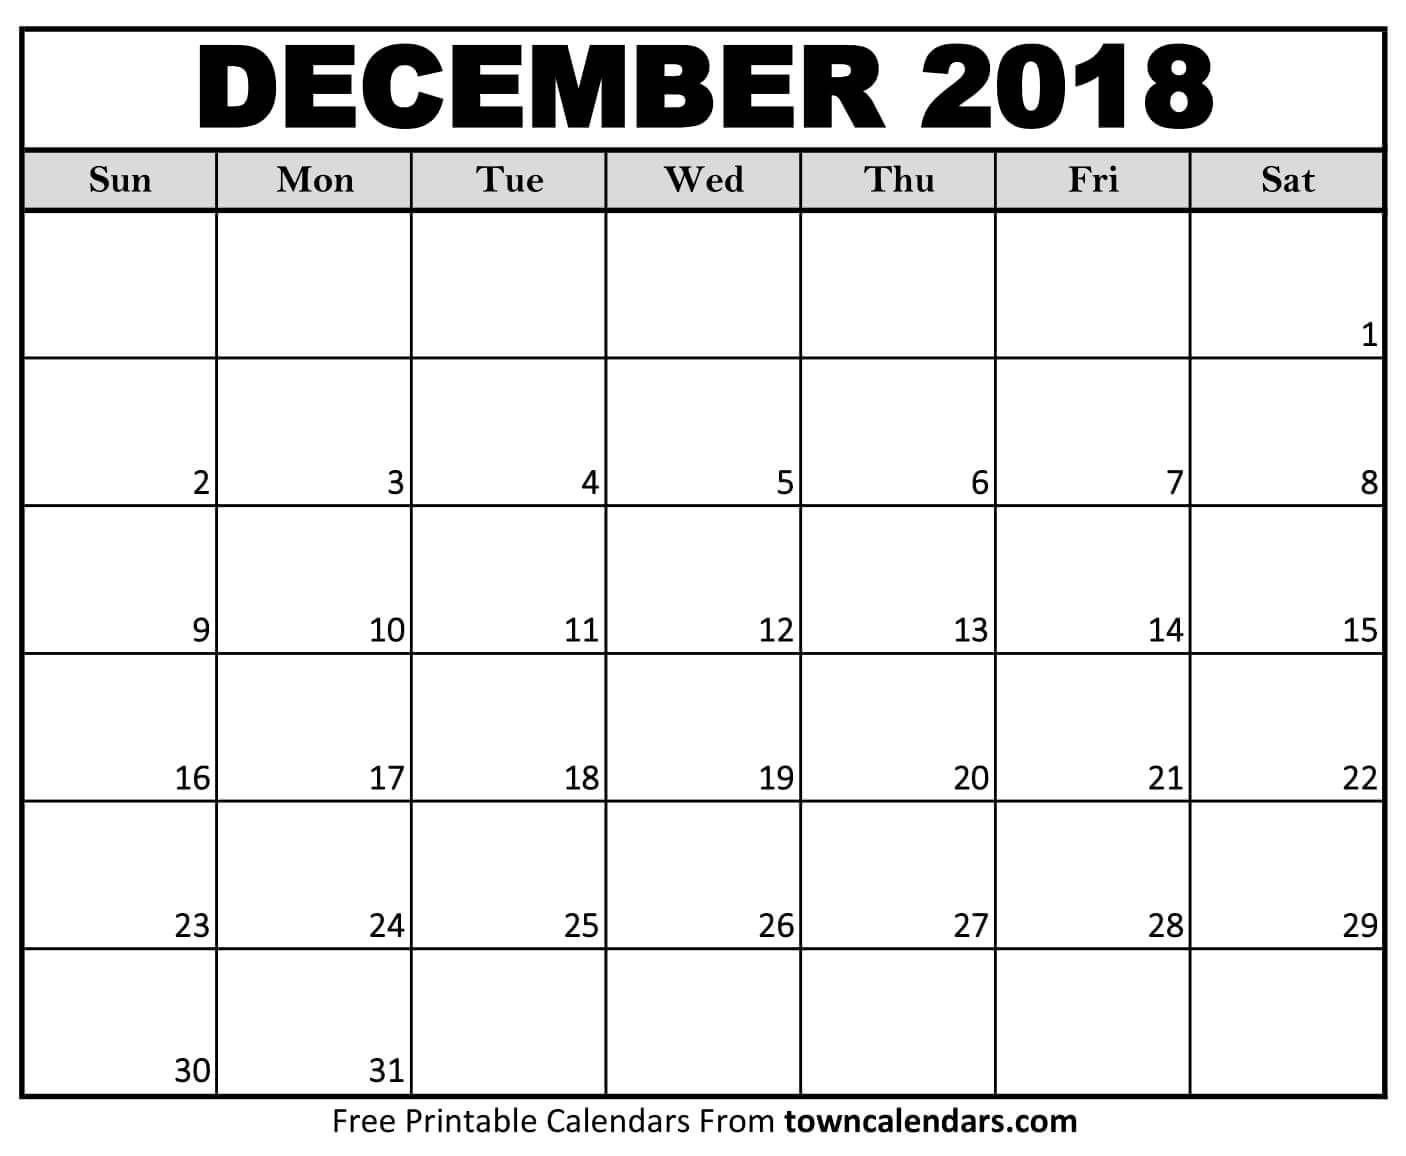 Calendario December 2019 Calendar December 2018 | December 2018 Calendar | Printable